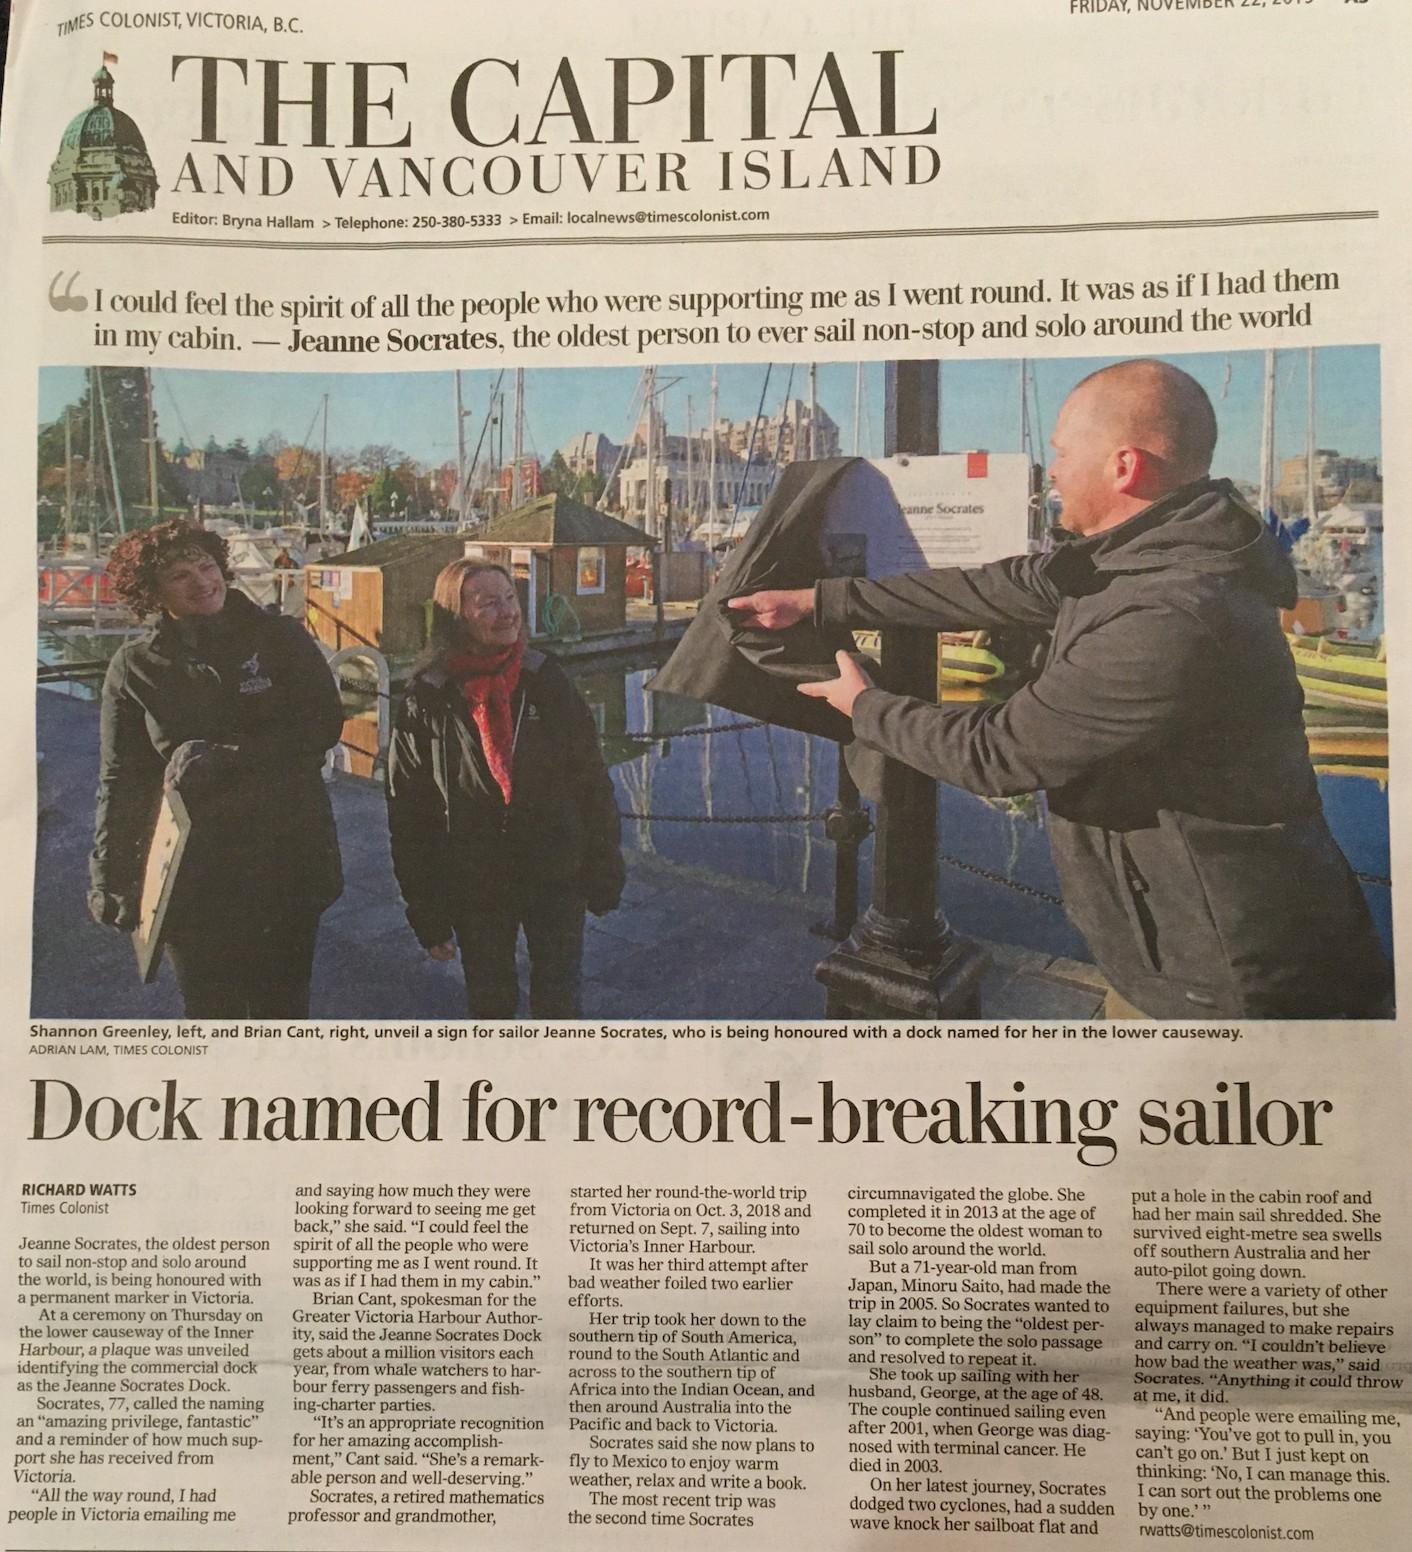 2019-11-21 Victoria harbour dock naming